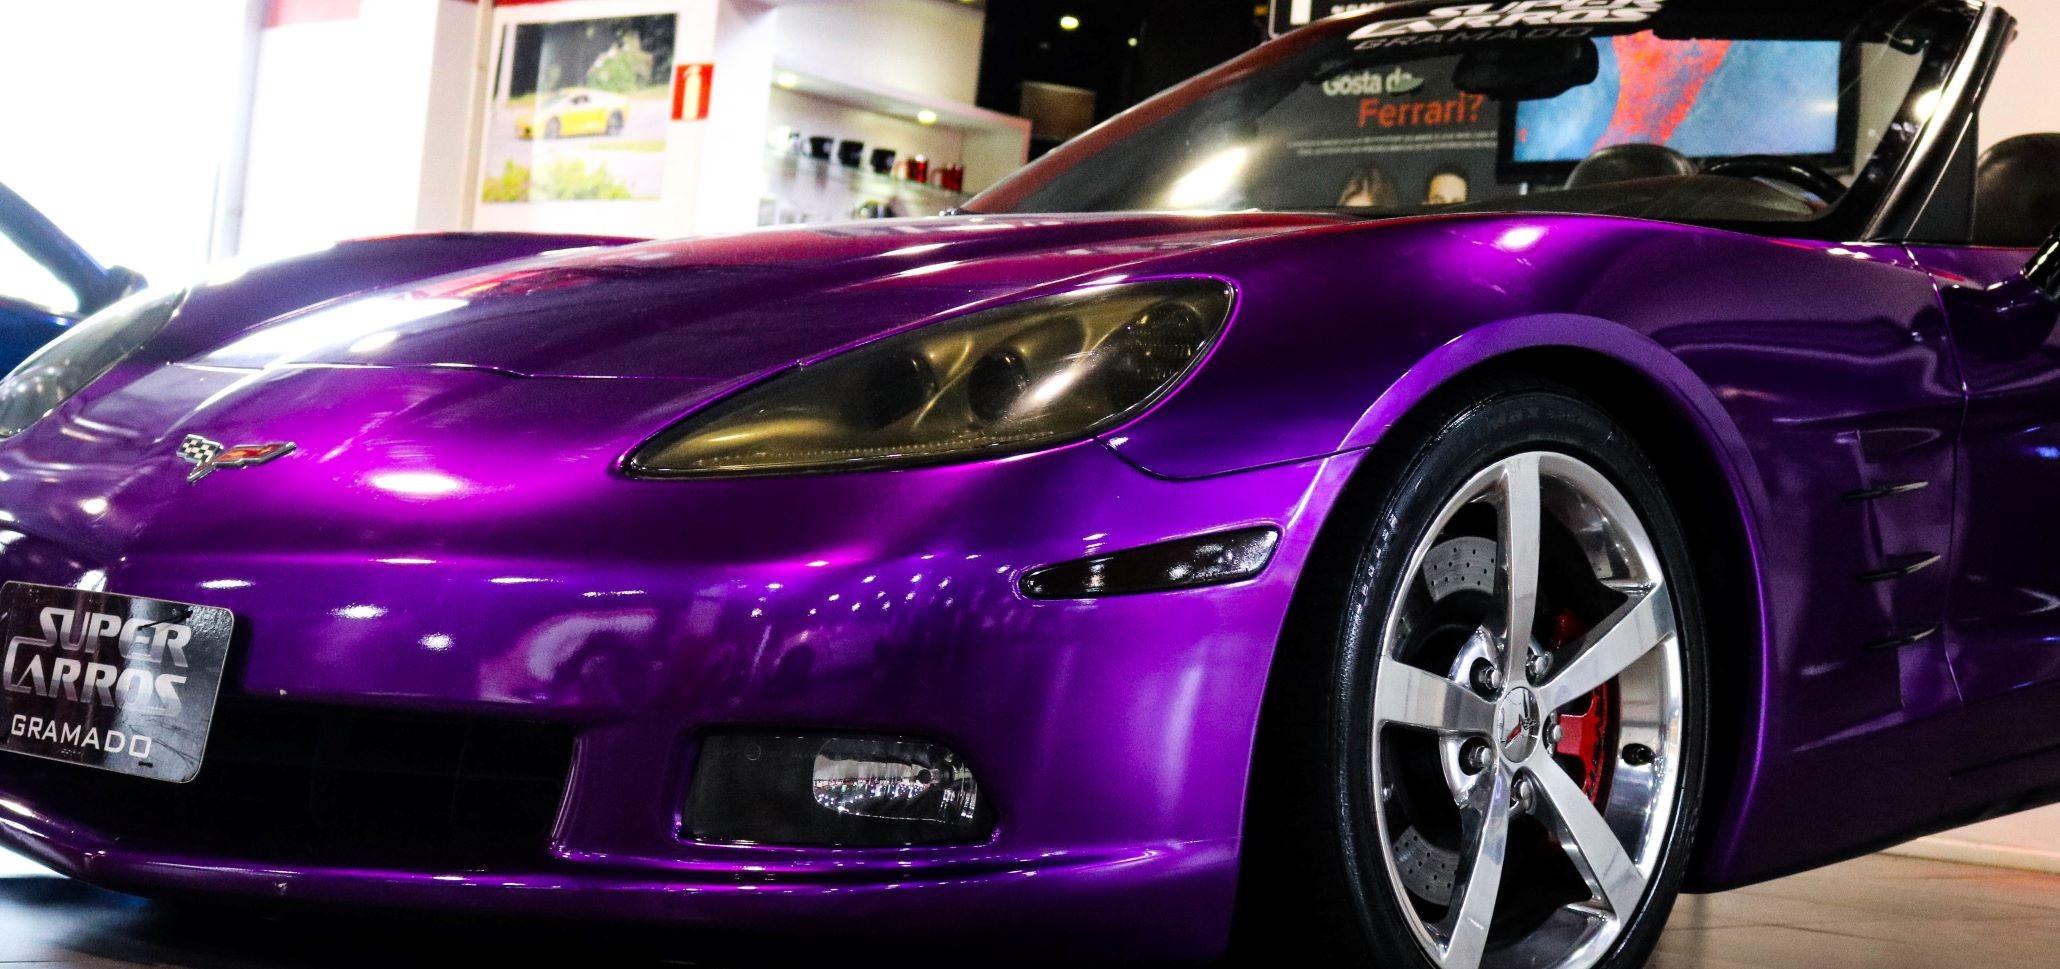 Visite os museus automotivos do mundo sem sair de casa | Super Carros